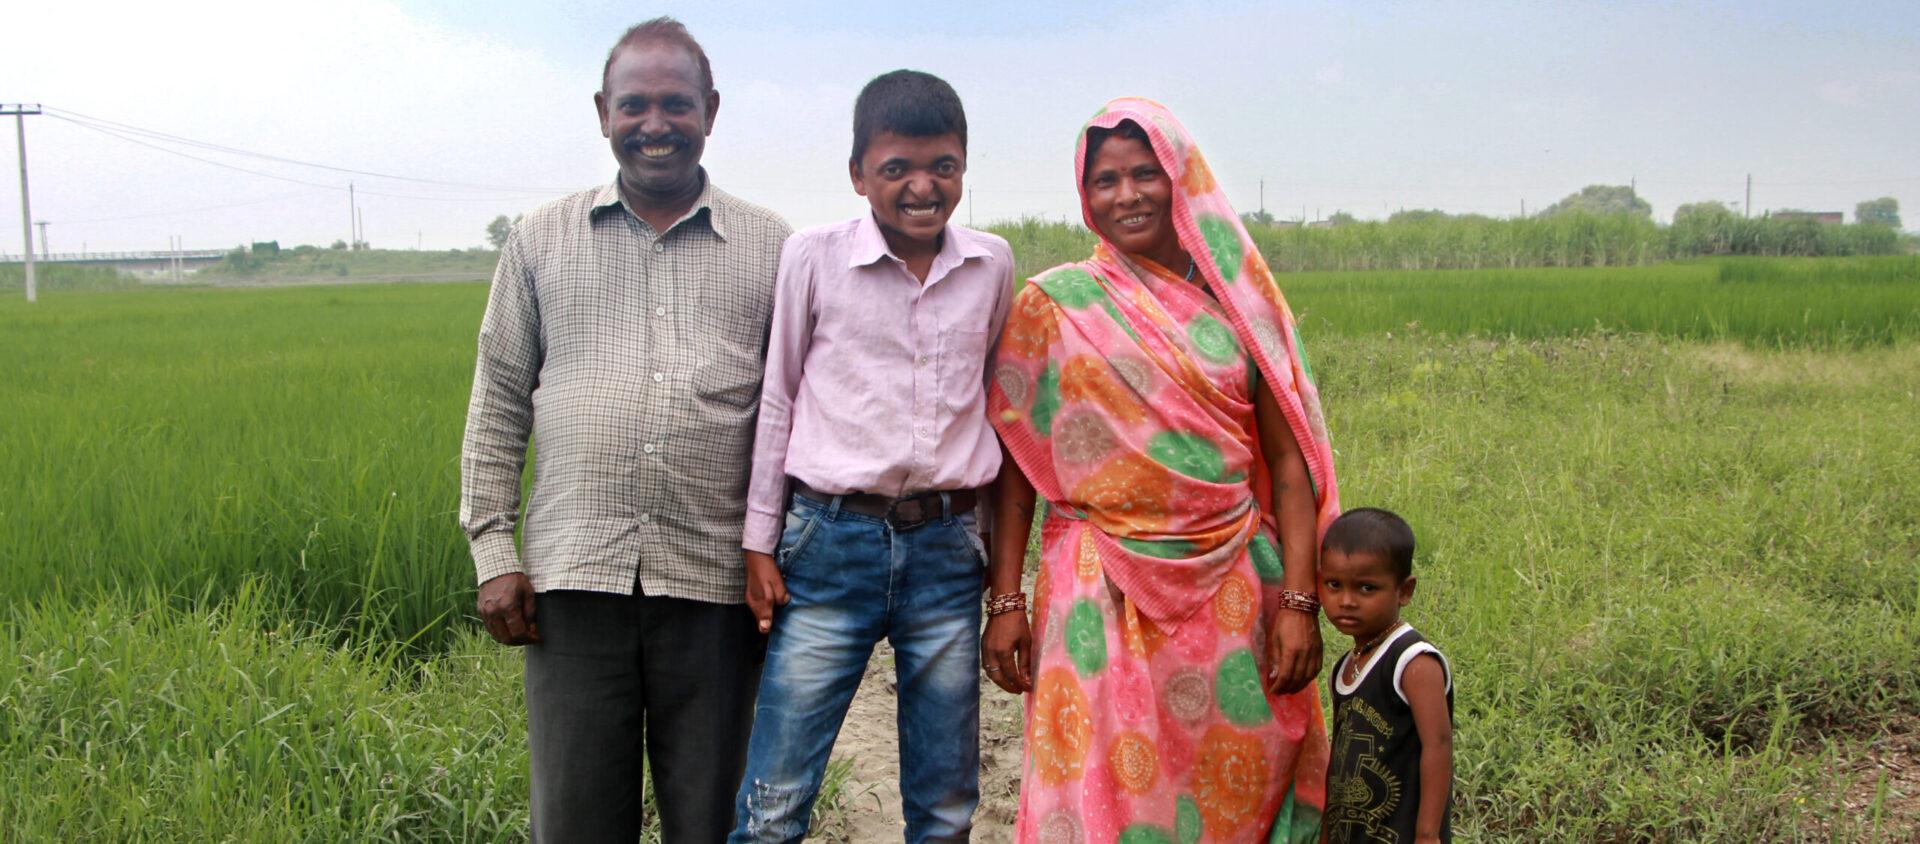 Sandeep med sin mamma, pappa och lillebror